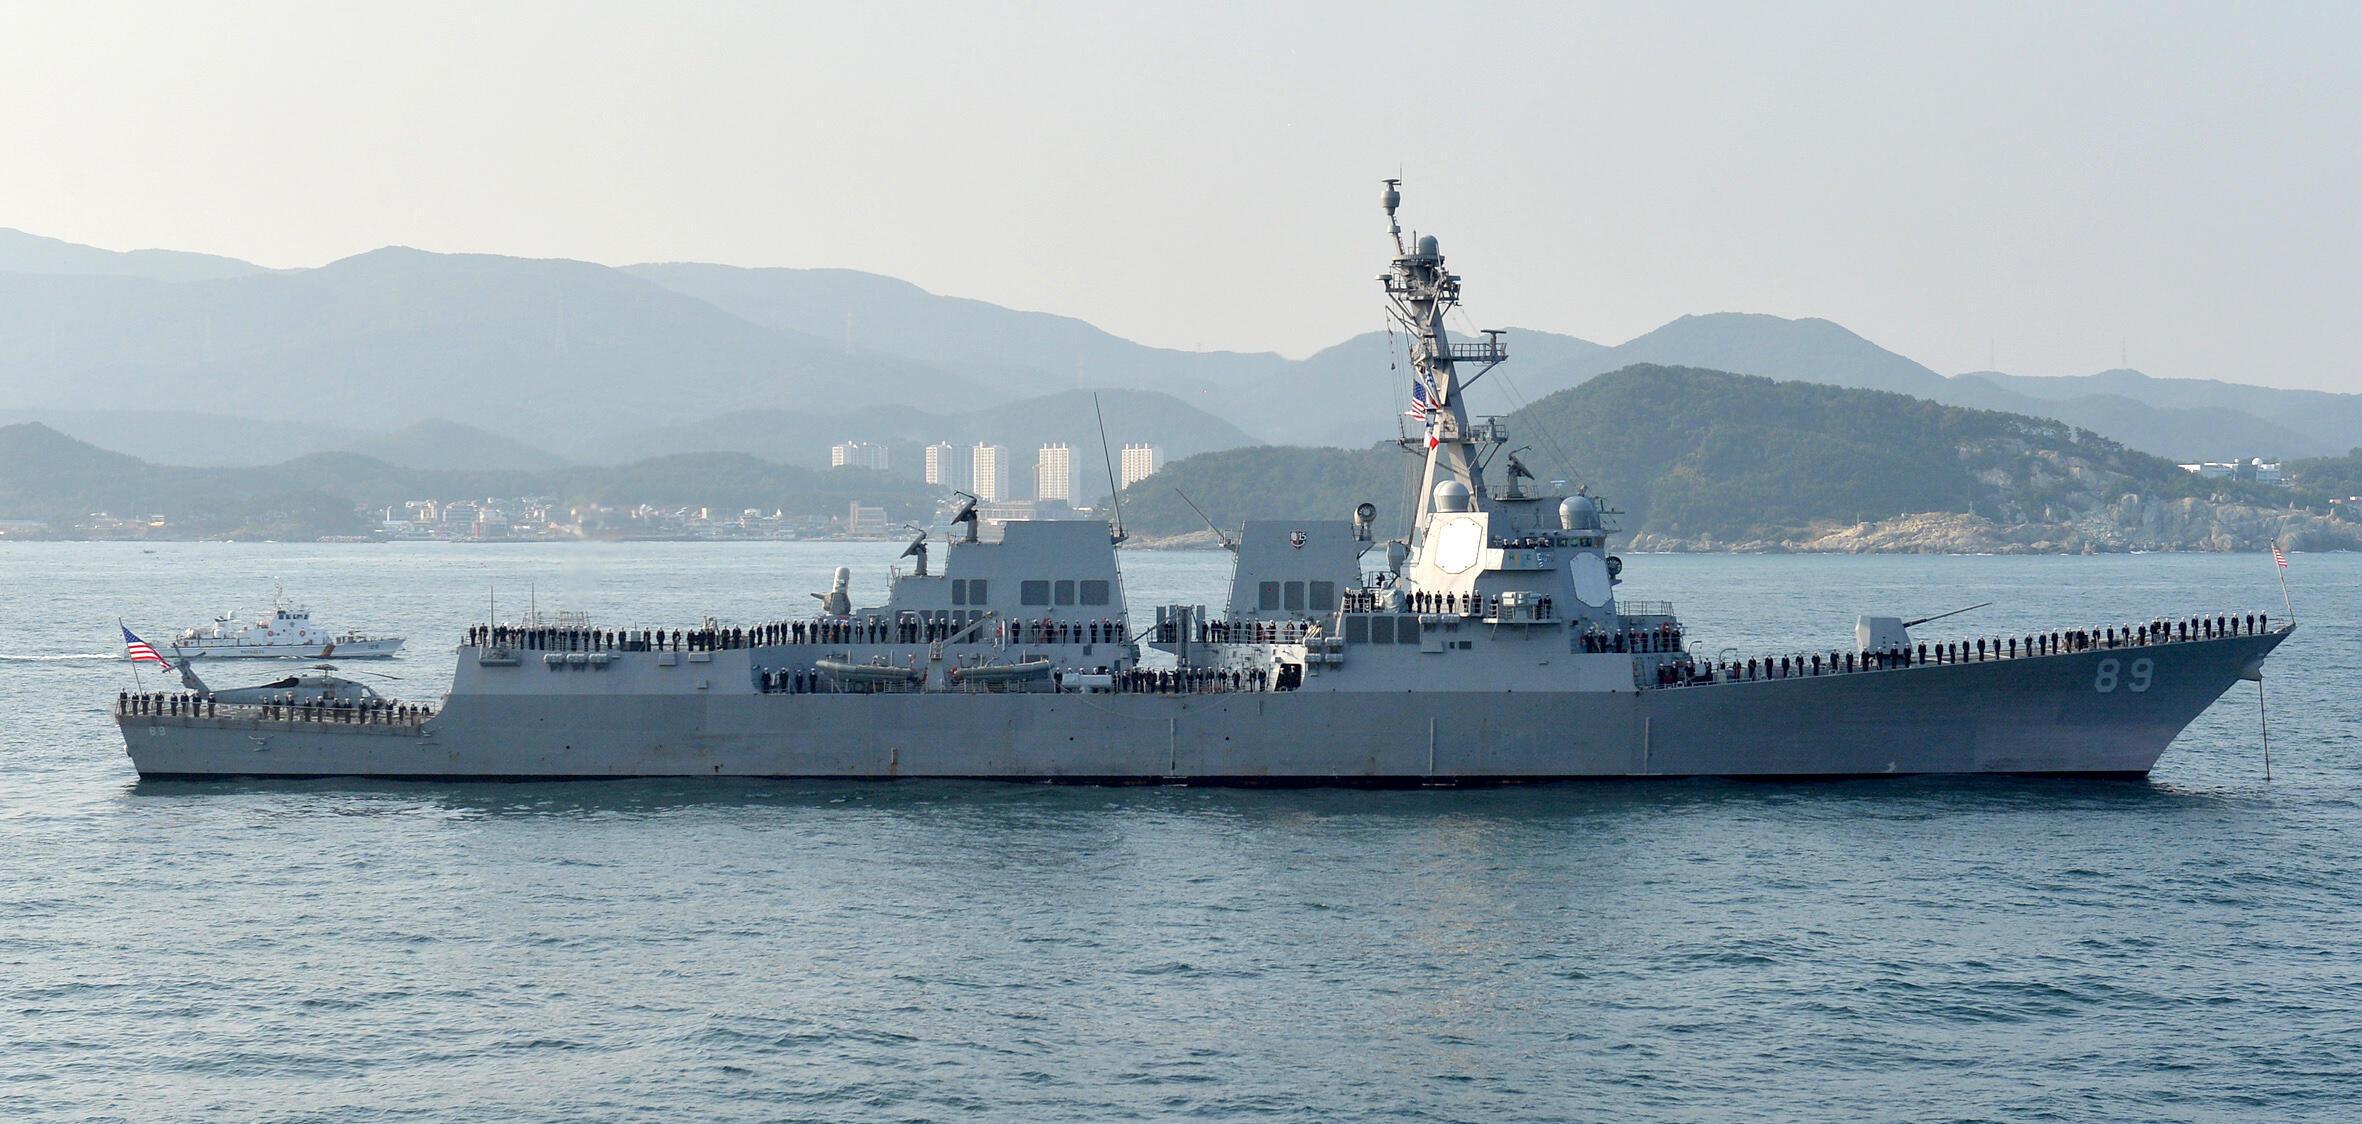 Khu trục hạm USS Mustin thuộc Hạm Đội 7 của Hải Quân Mỹ ghé Cam Ranh (Việt Nam) ngày 15/12/2016. Ảnh minh họa